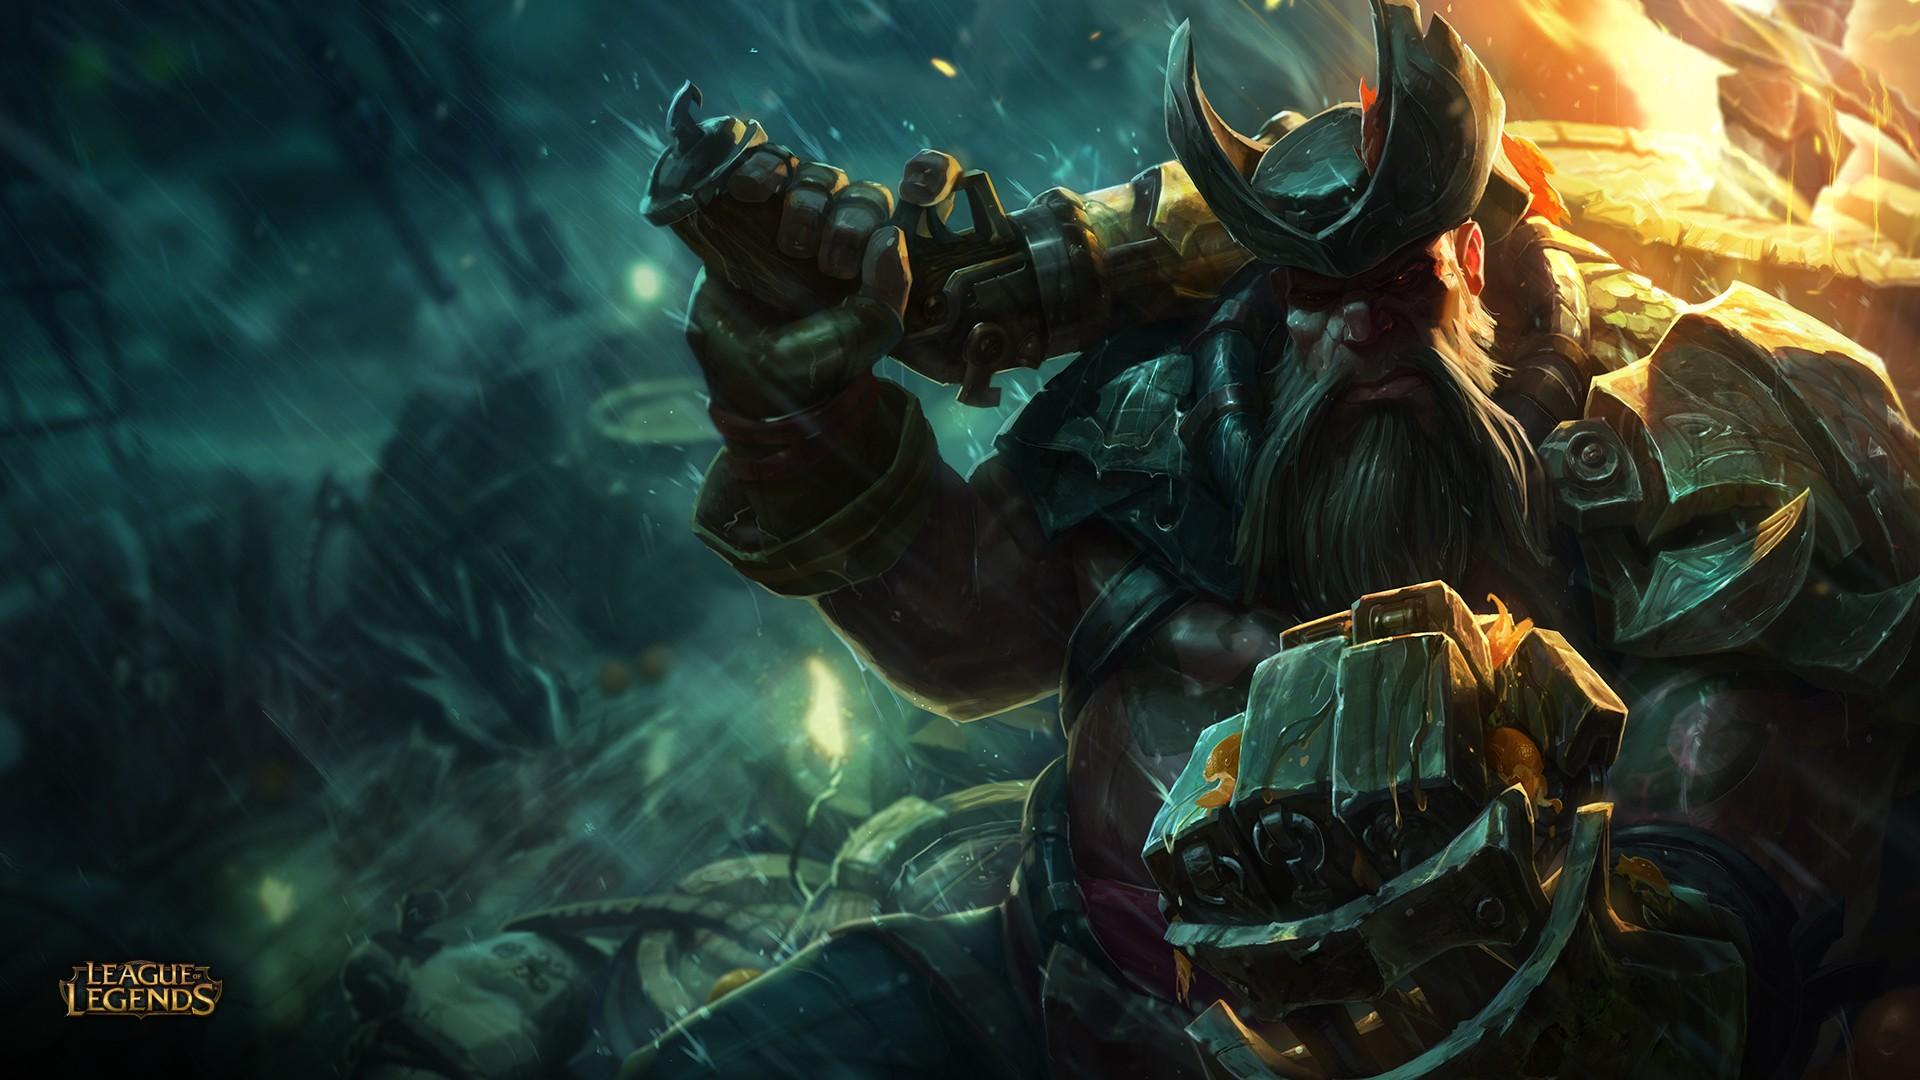 Fond D Ecran League Of Legends Obscurite Jeux Capture D